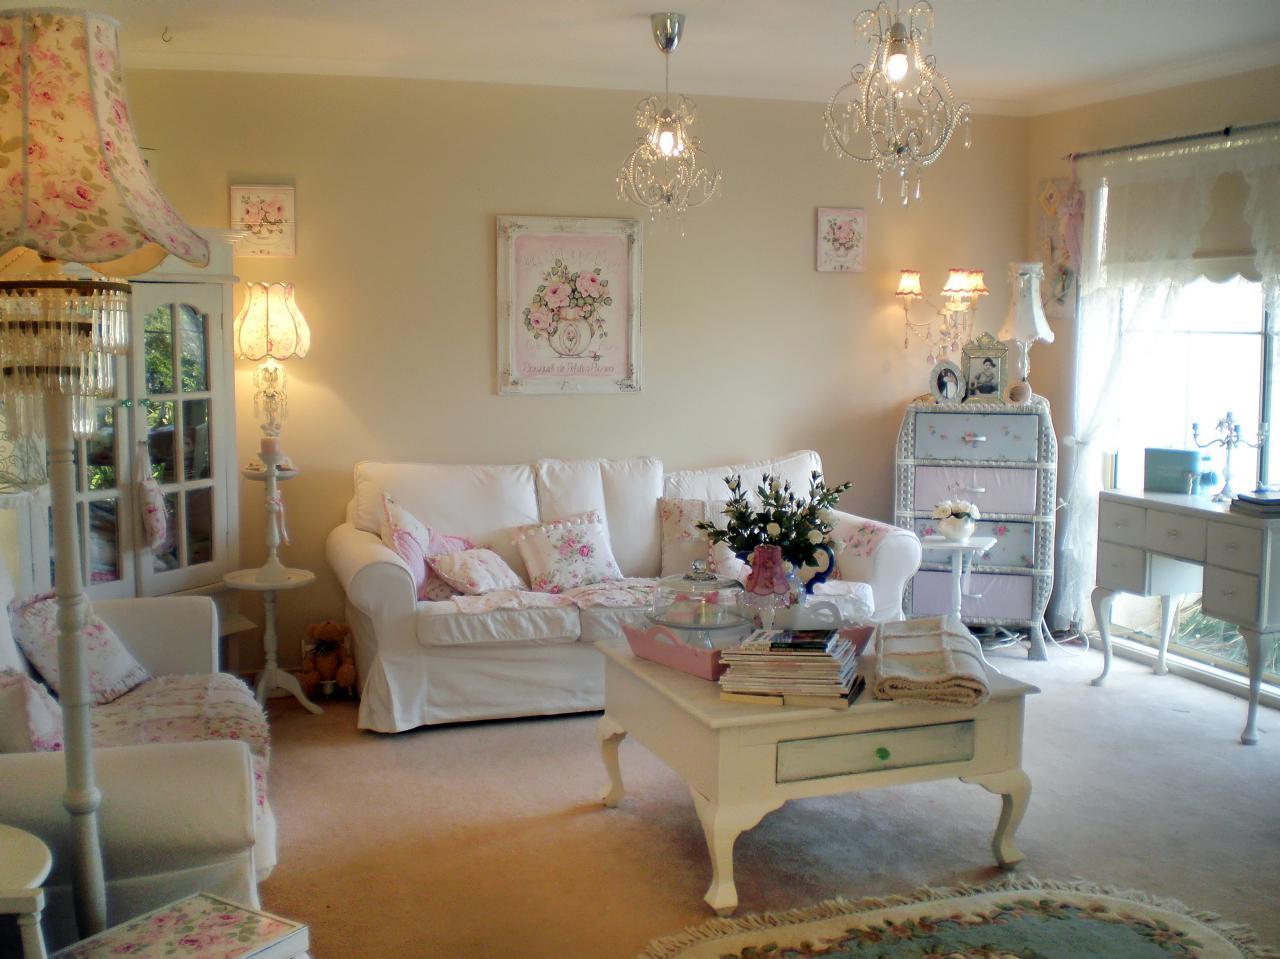 shabby chic decoracion y estilo en auge hoy lowcost. Black Bedroom Furniture Sets. Home Design Ideas